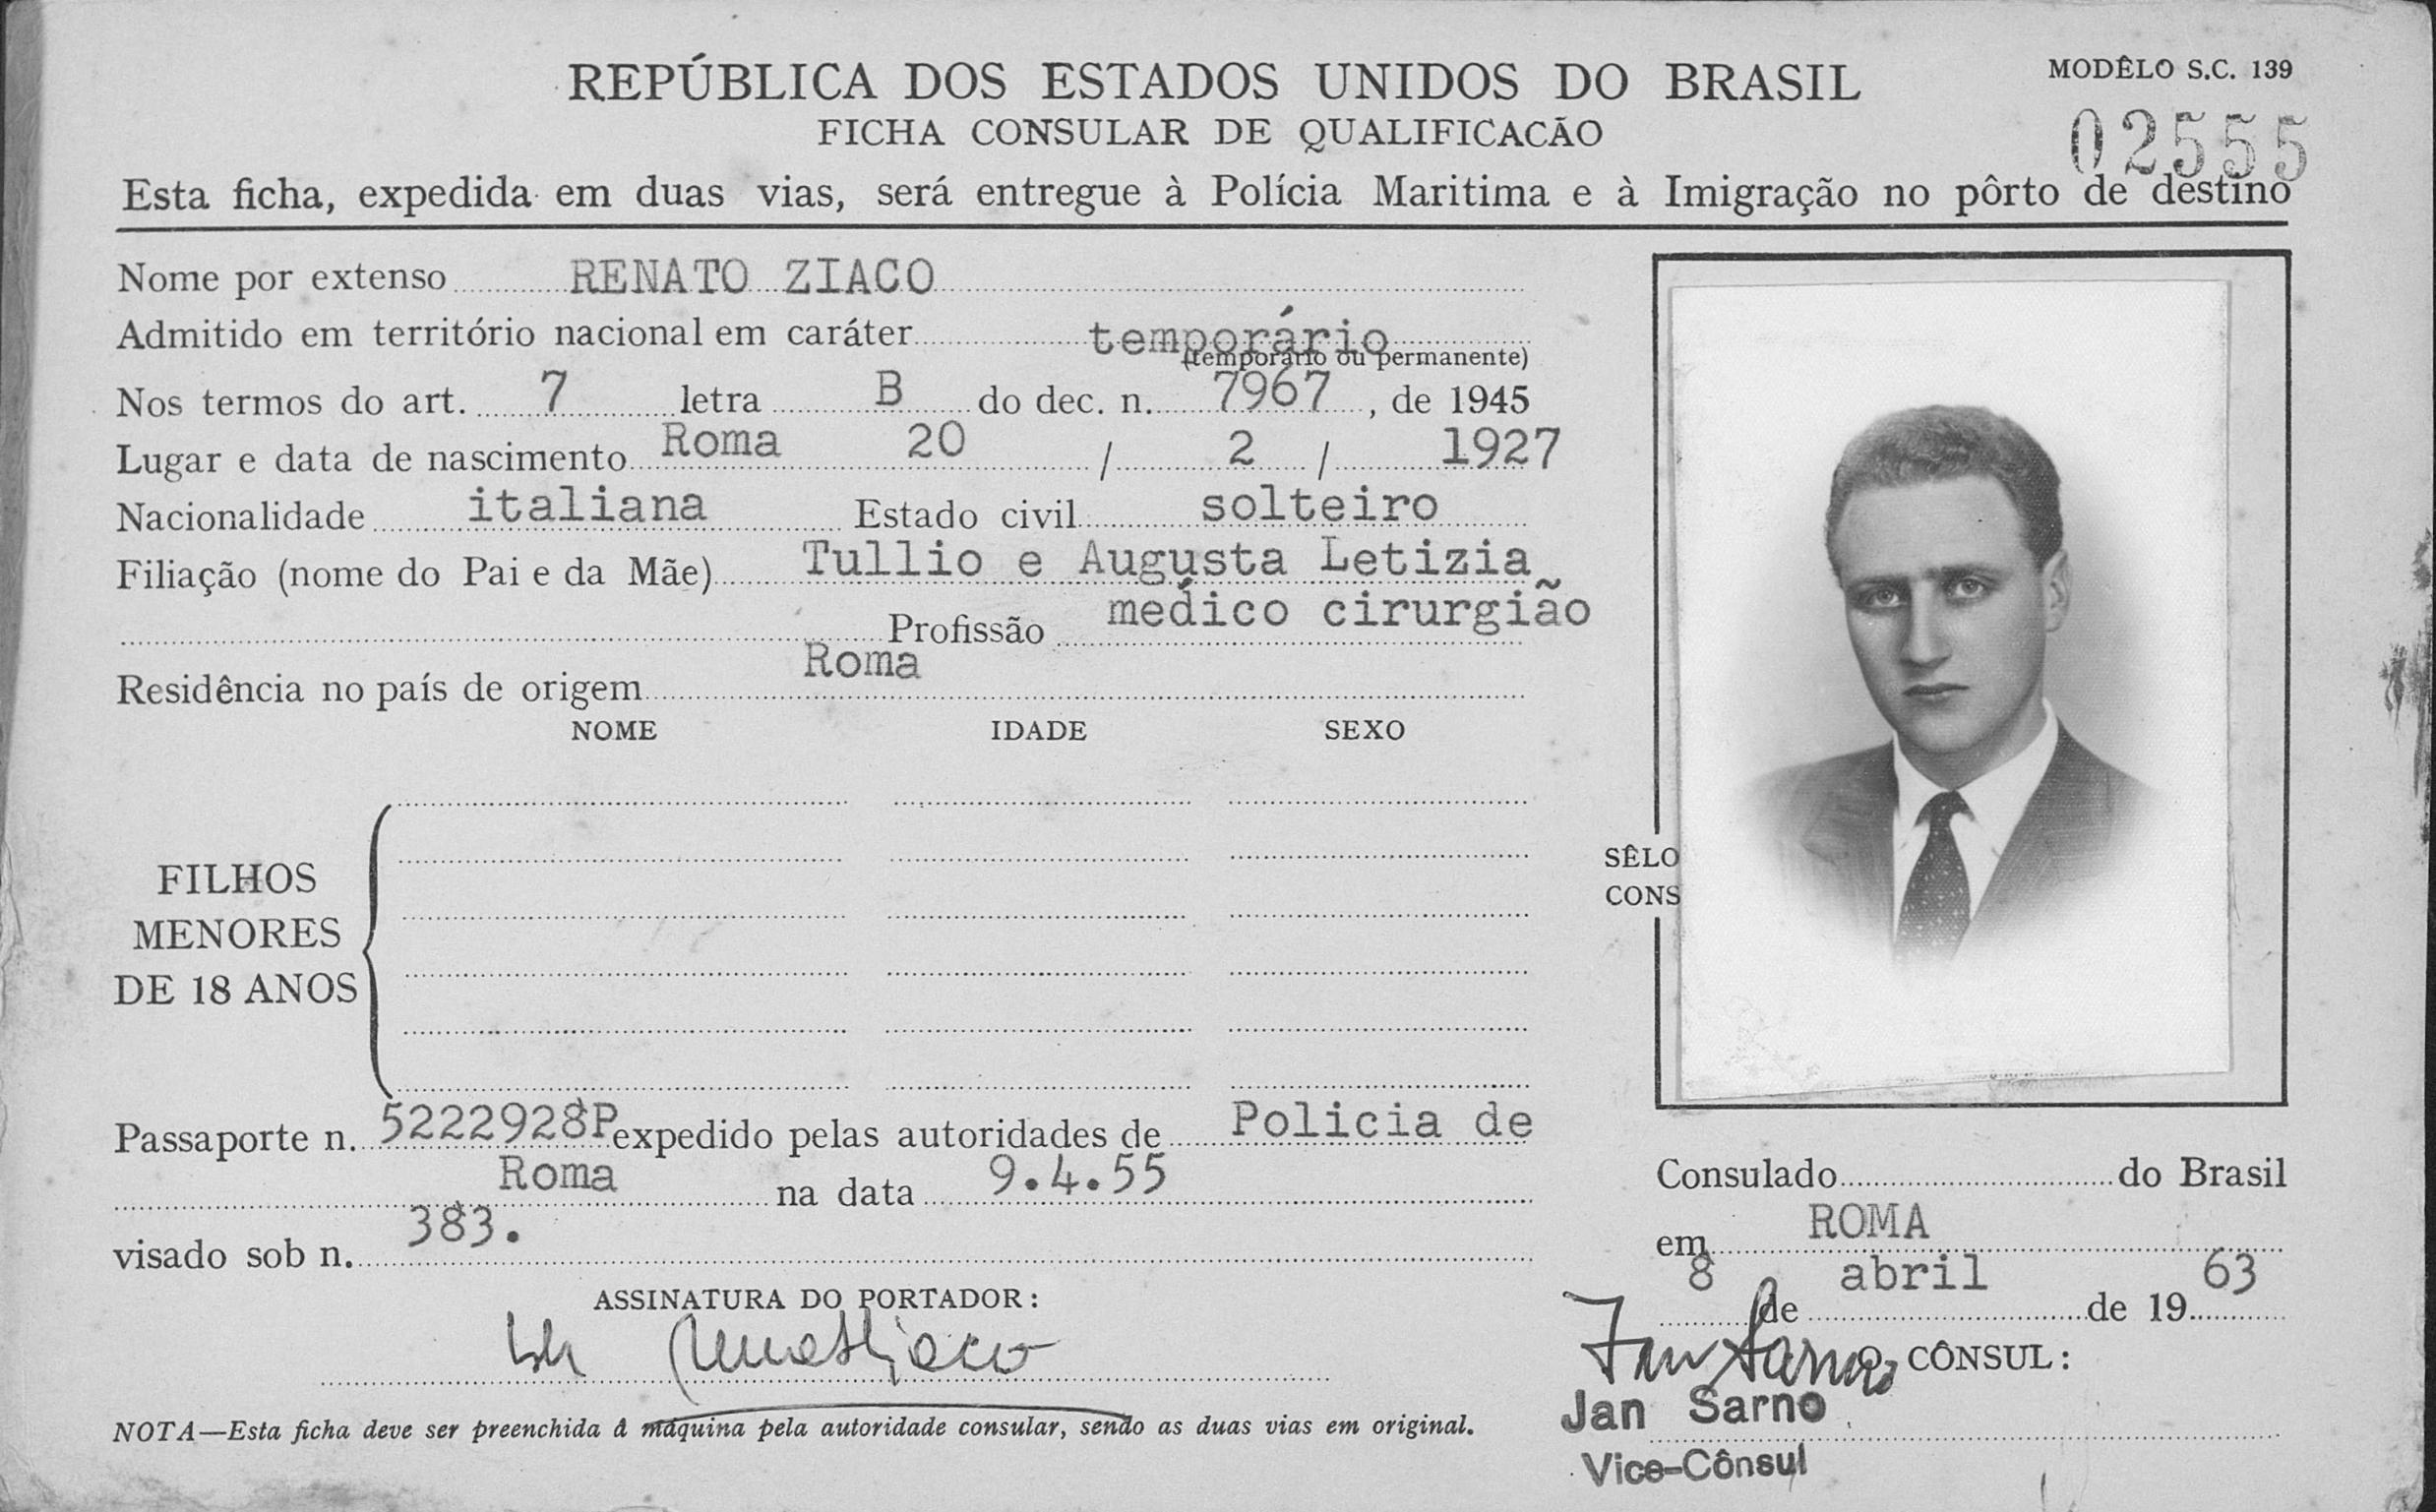 Il permesso di soggiorno rilasciato al dott Ziaco in occasione di un viaggio in Brasile